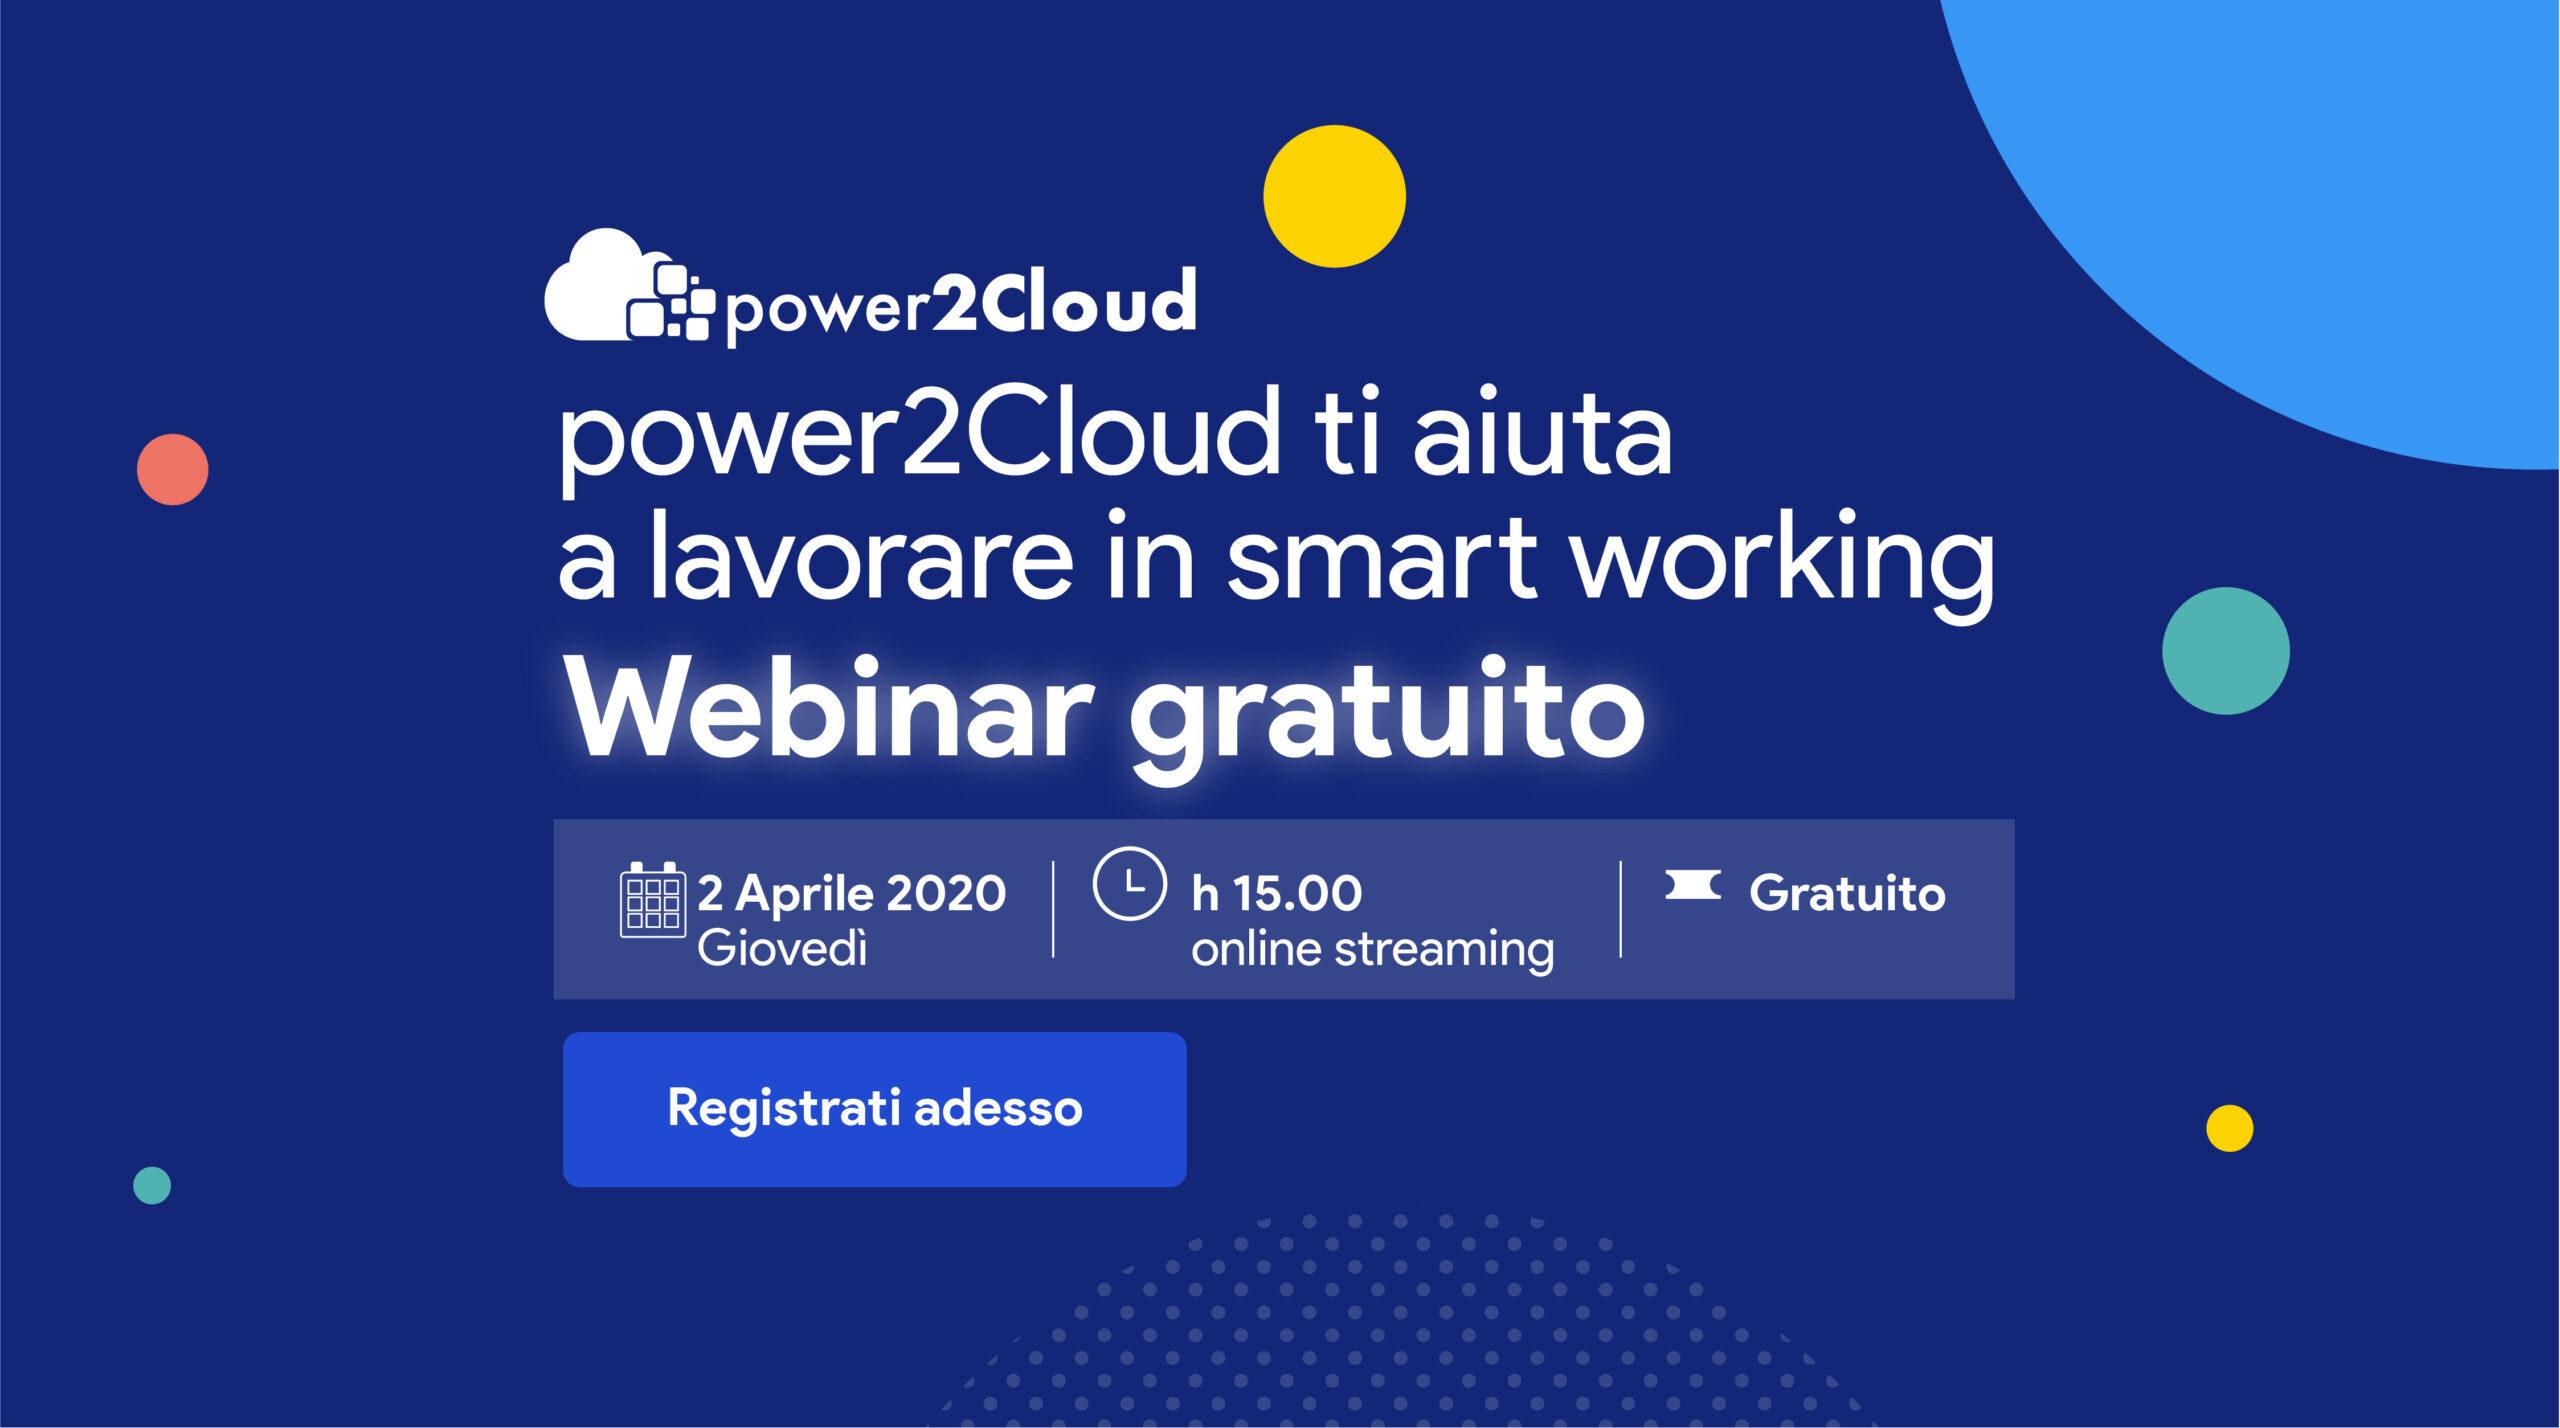 power2Cloud ti aiuta a lavorare in smart working webinar gratuito 2 aprile